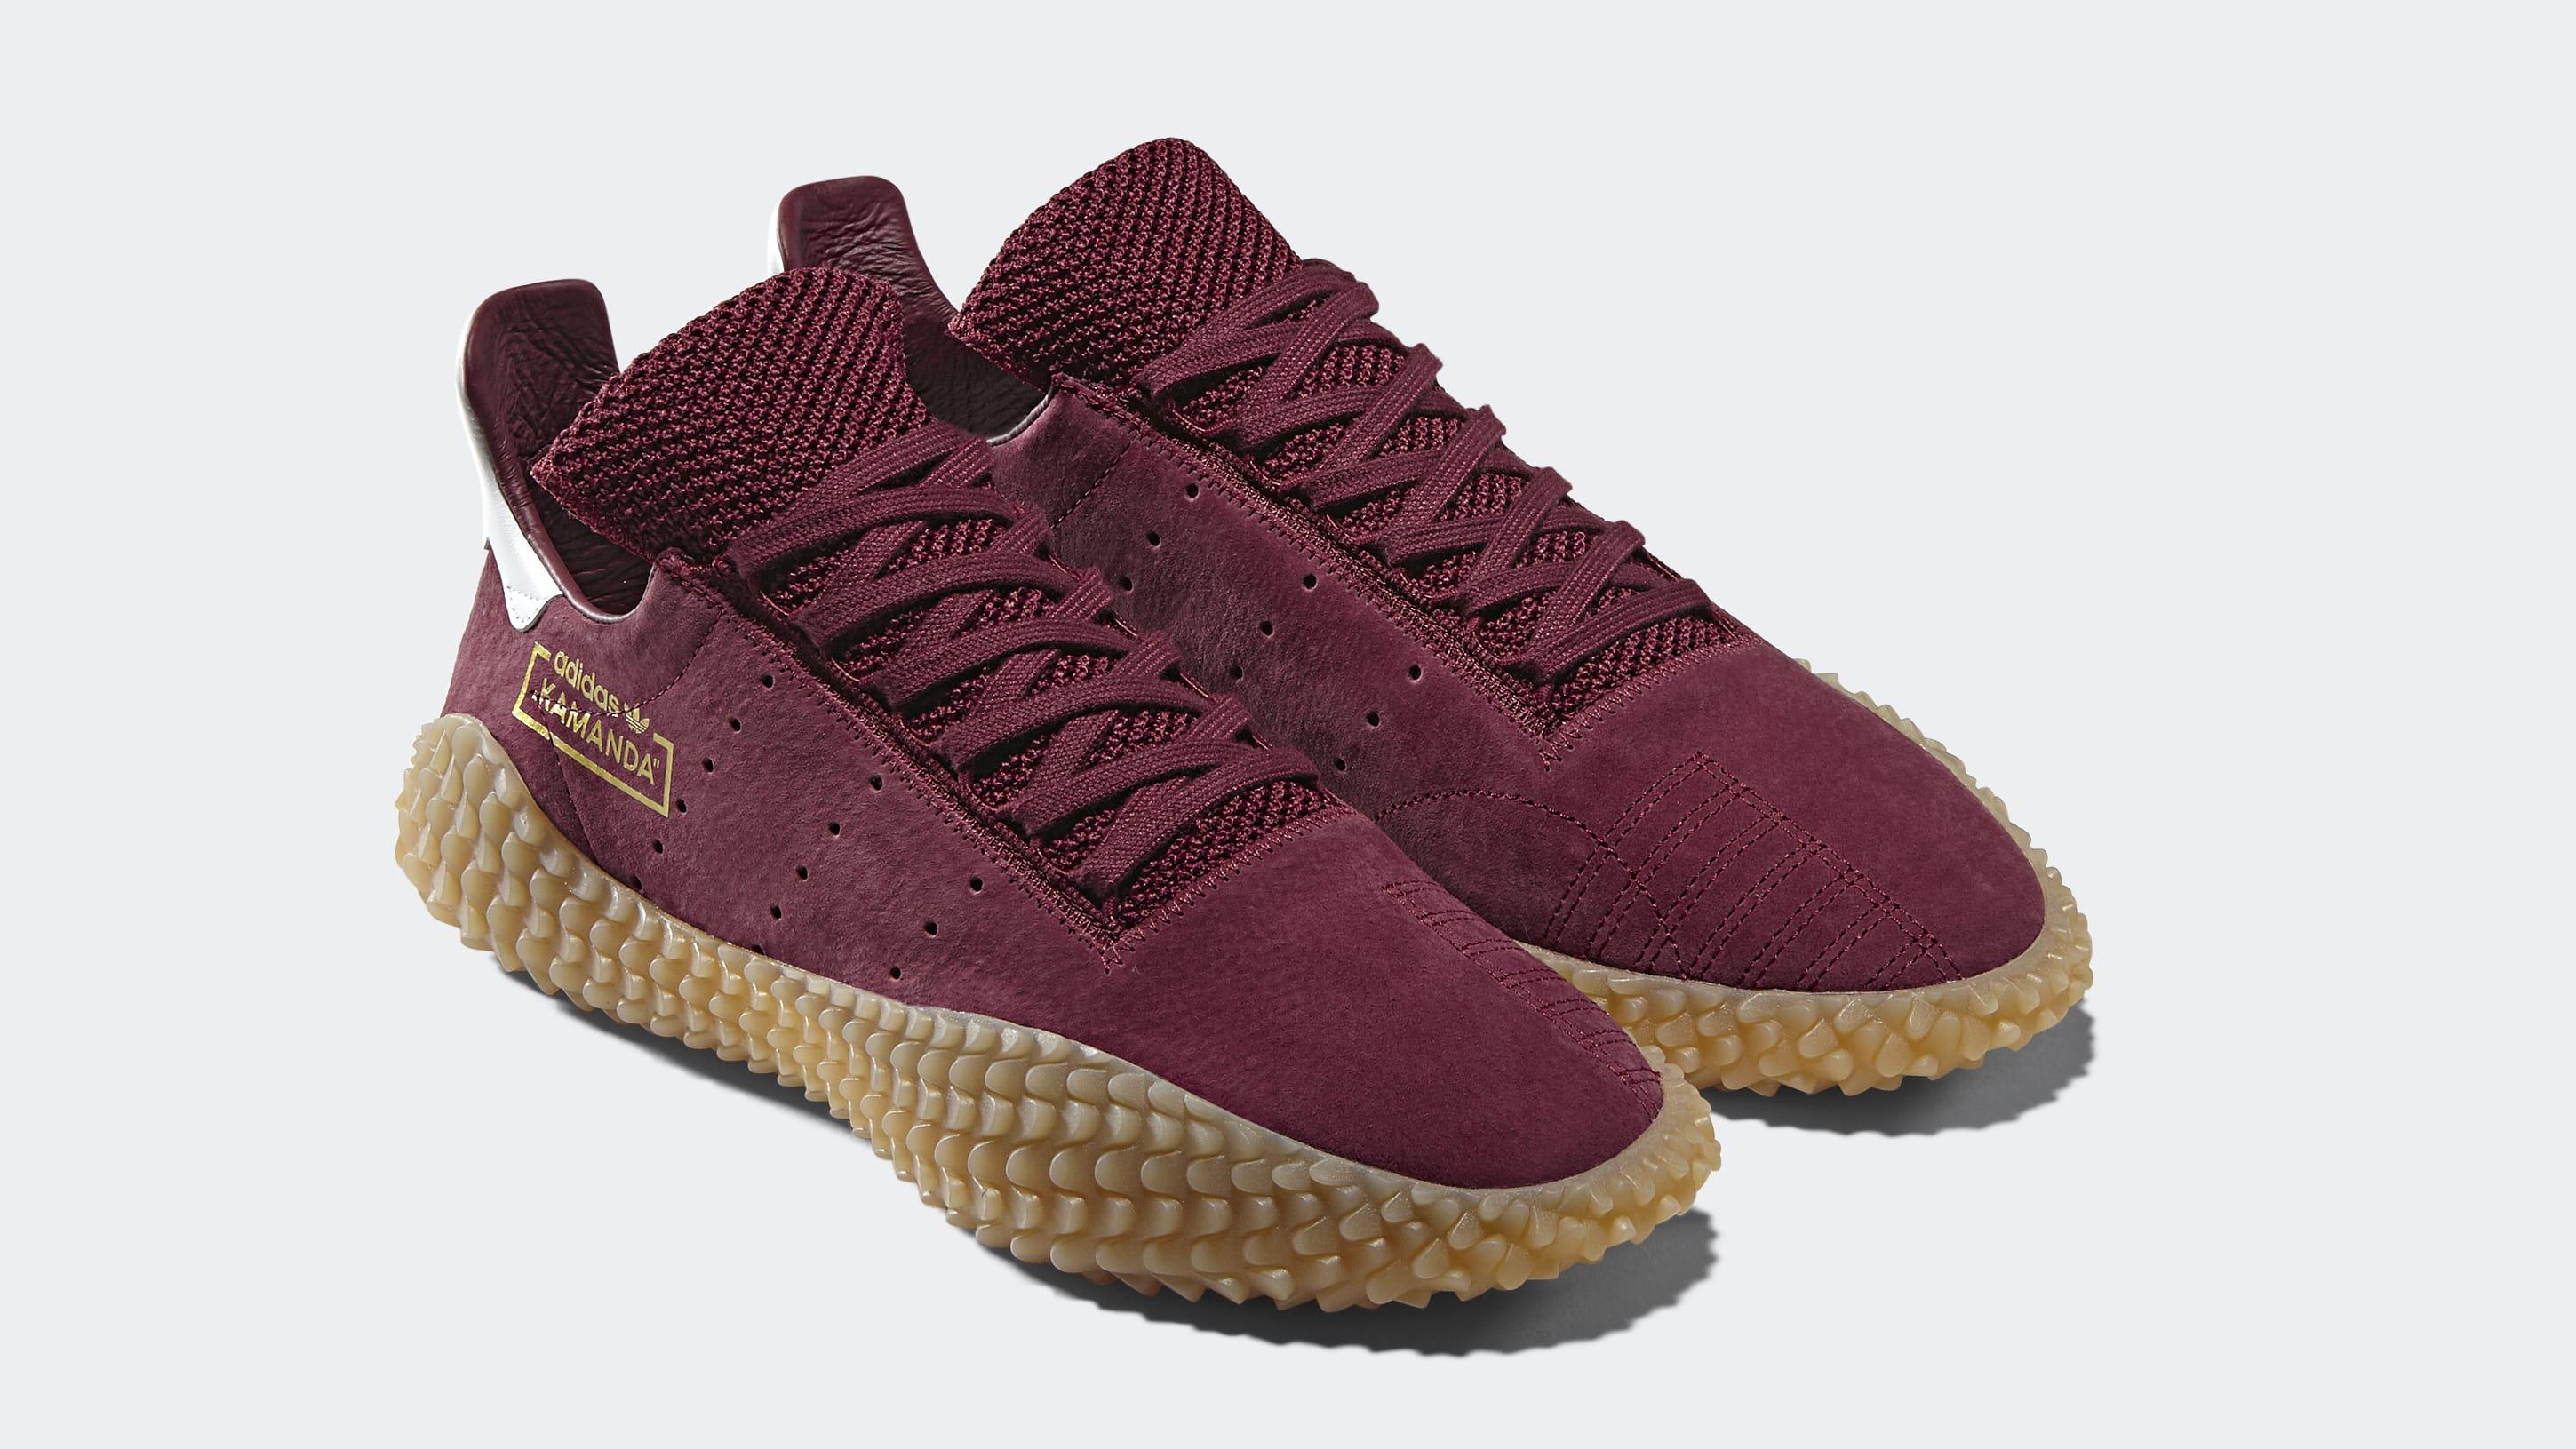 Adidas Kamanda 'Collegiate Burgundy/Gum' CQ2219 (Pair)